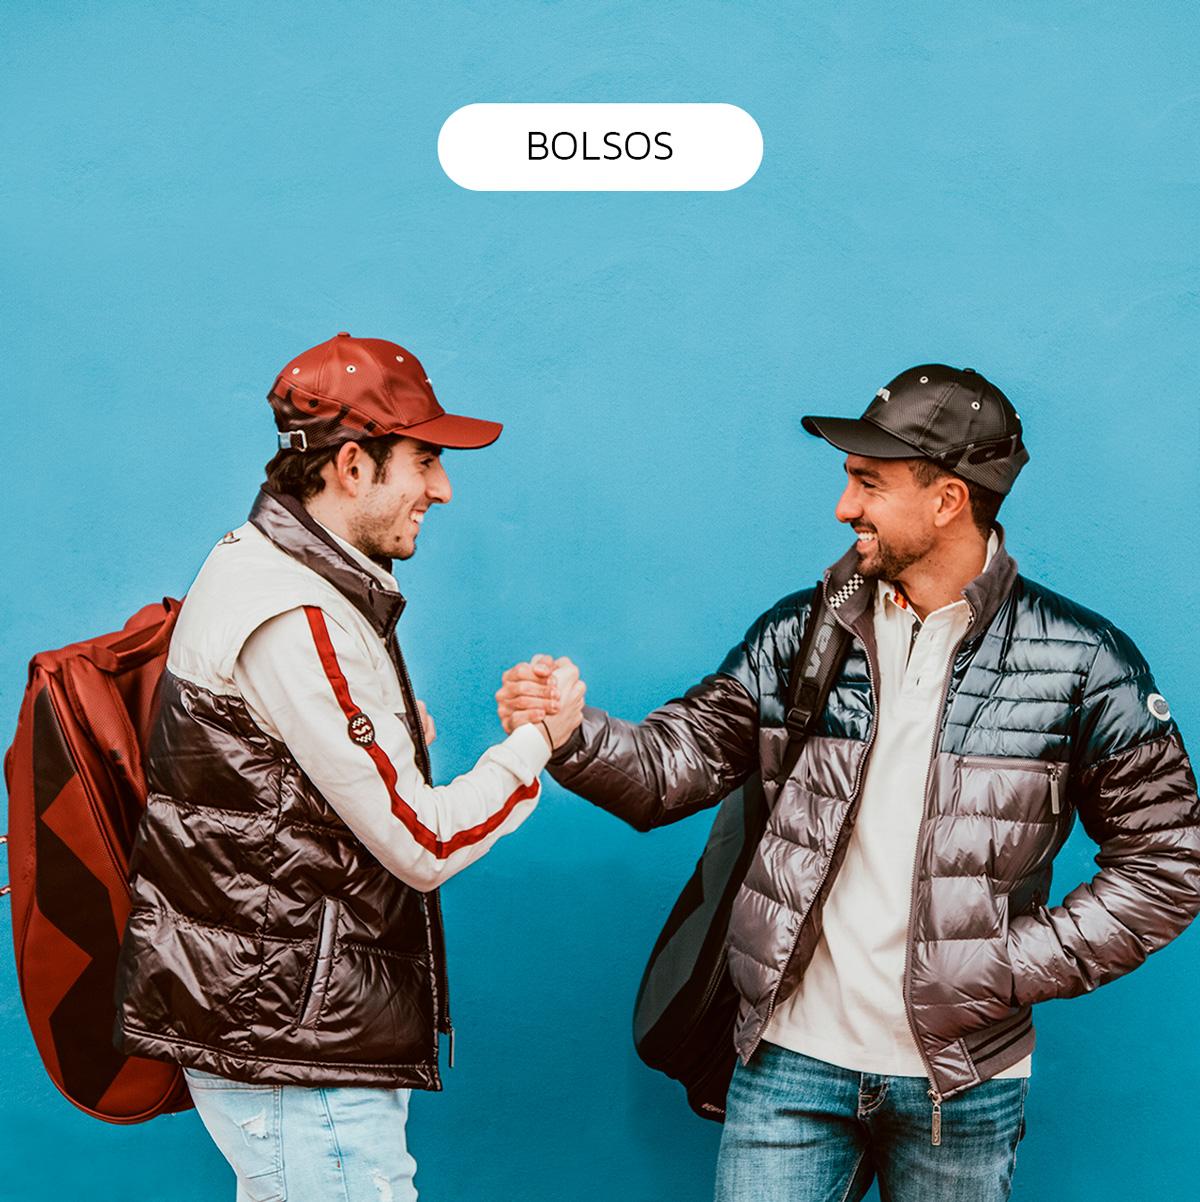 2021-03-26_BOLSOS_esp